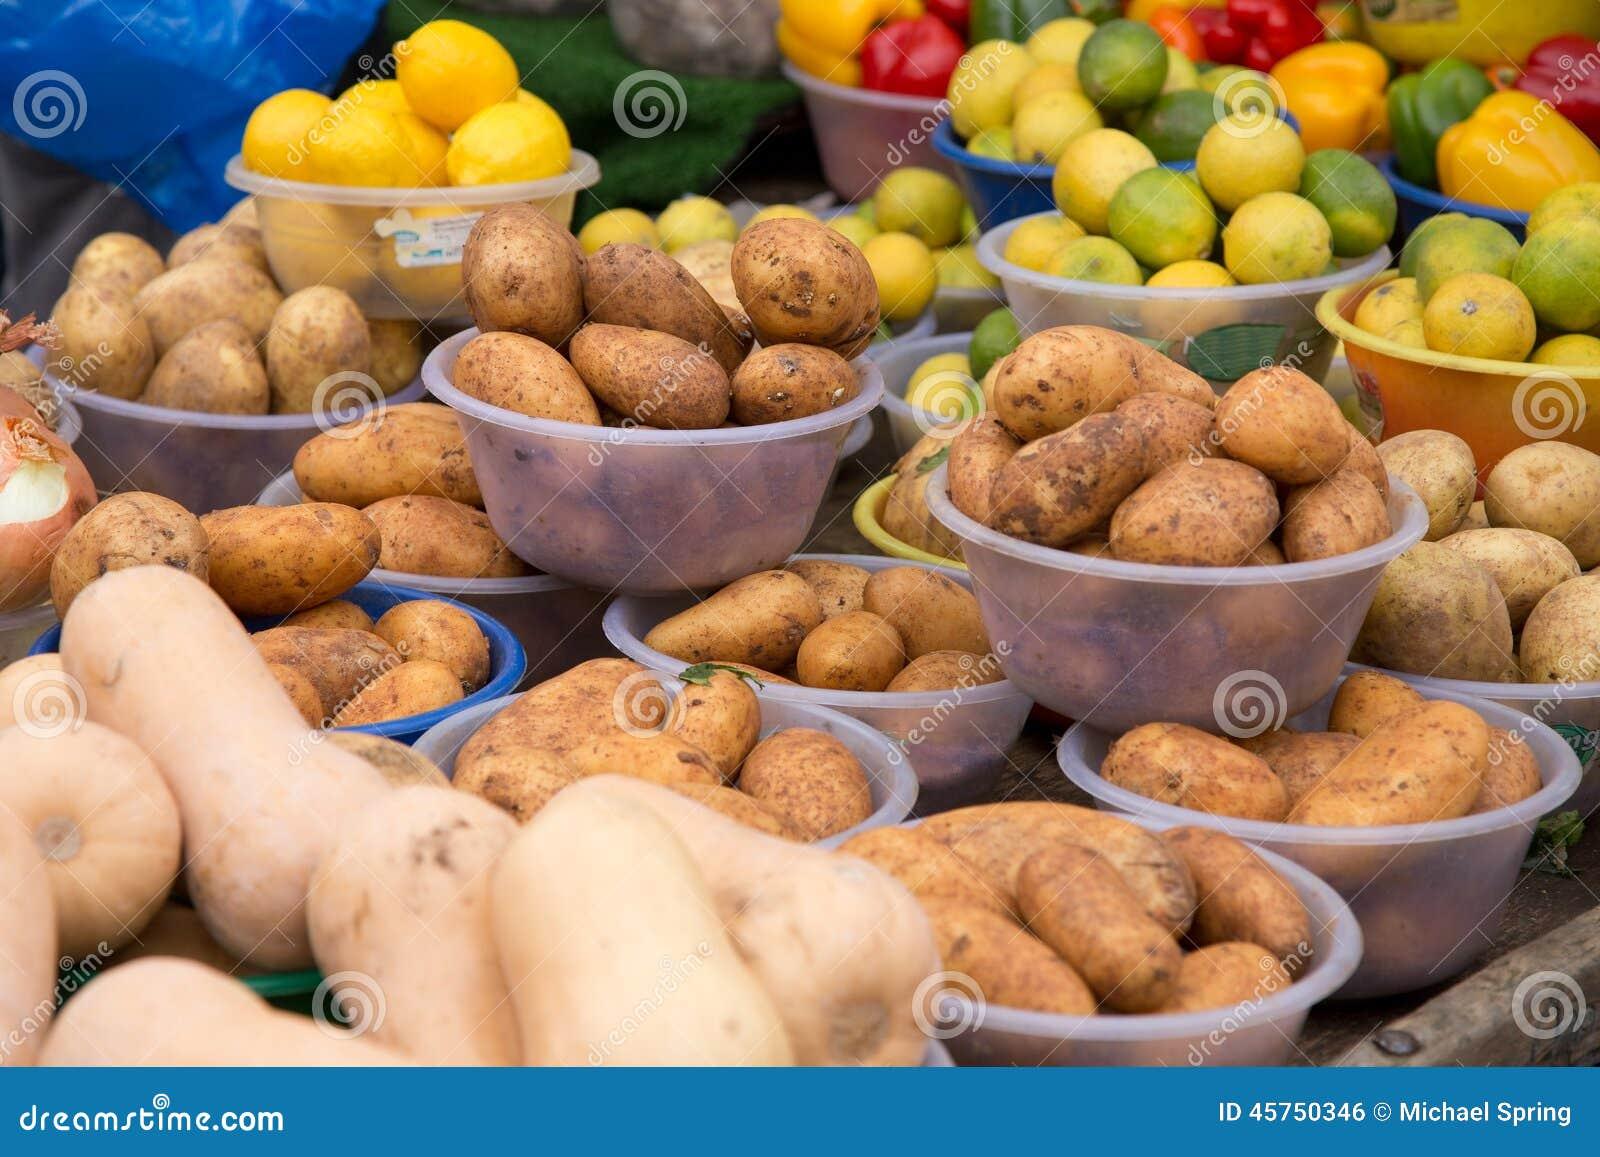 Mercato degli agricoltori